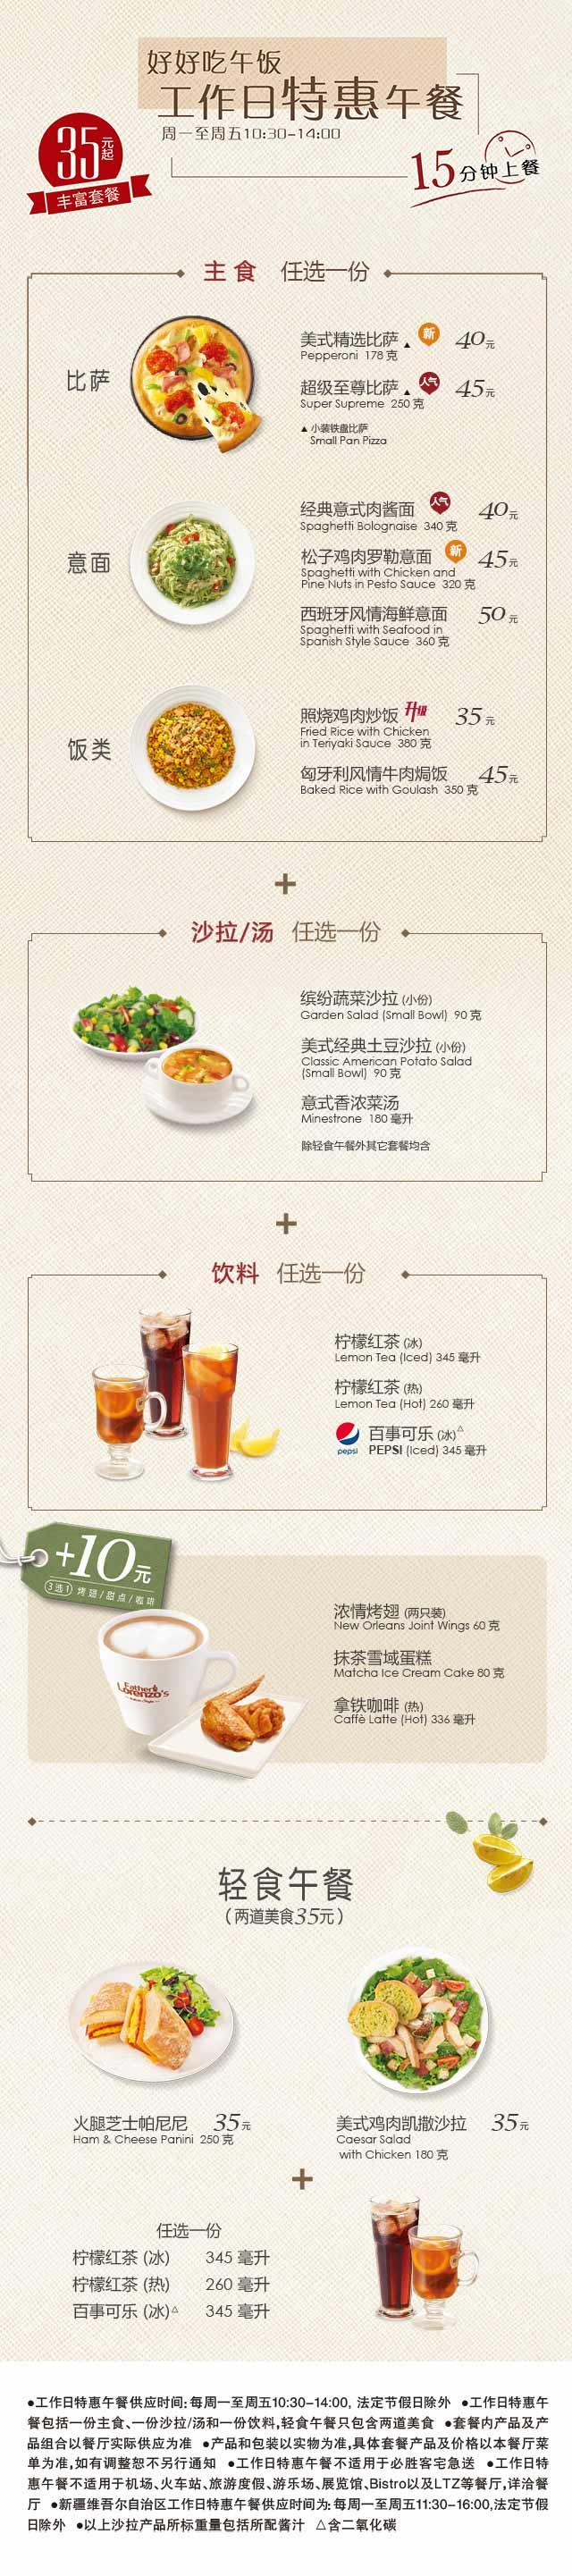 必勝客工作日特惠午餐菜單